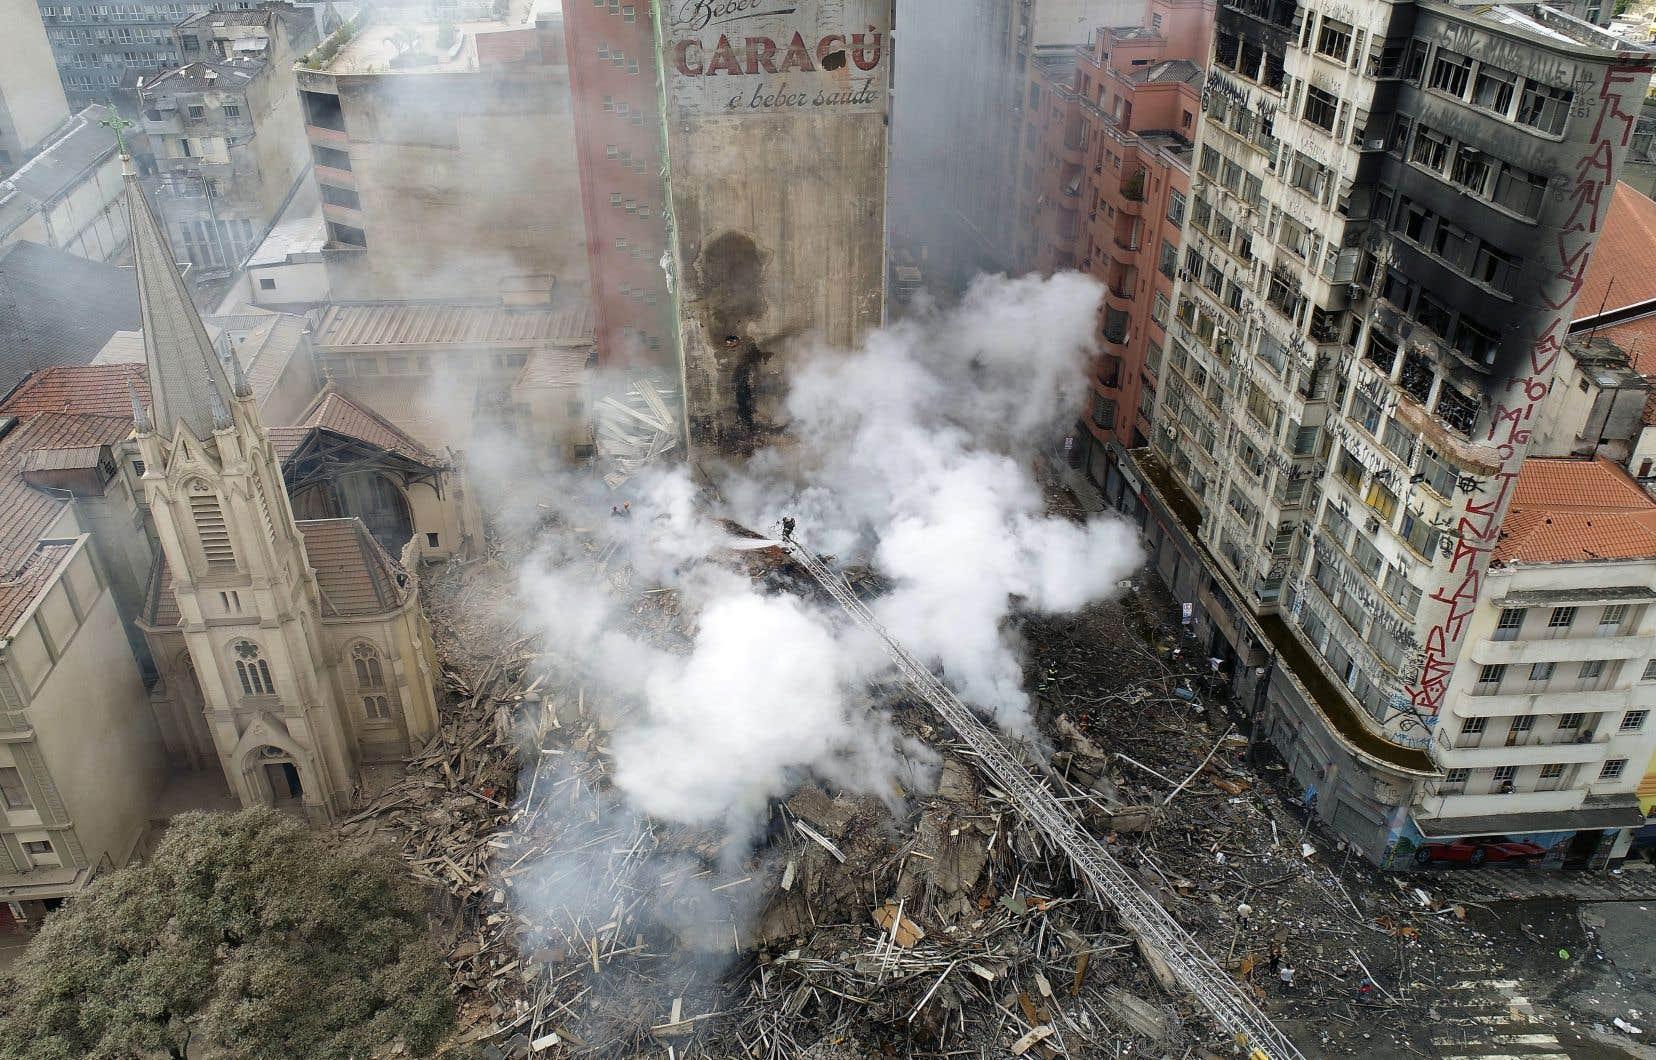 <p>Le bâtiment, un ancien siège de la police désaffecté, était occupé par 146 familles de squatters.</p>